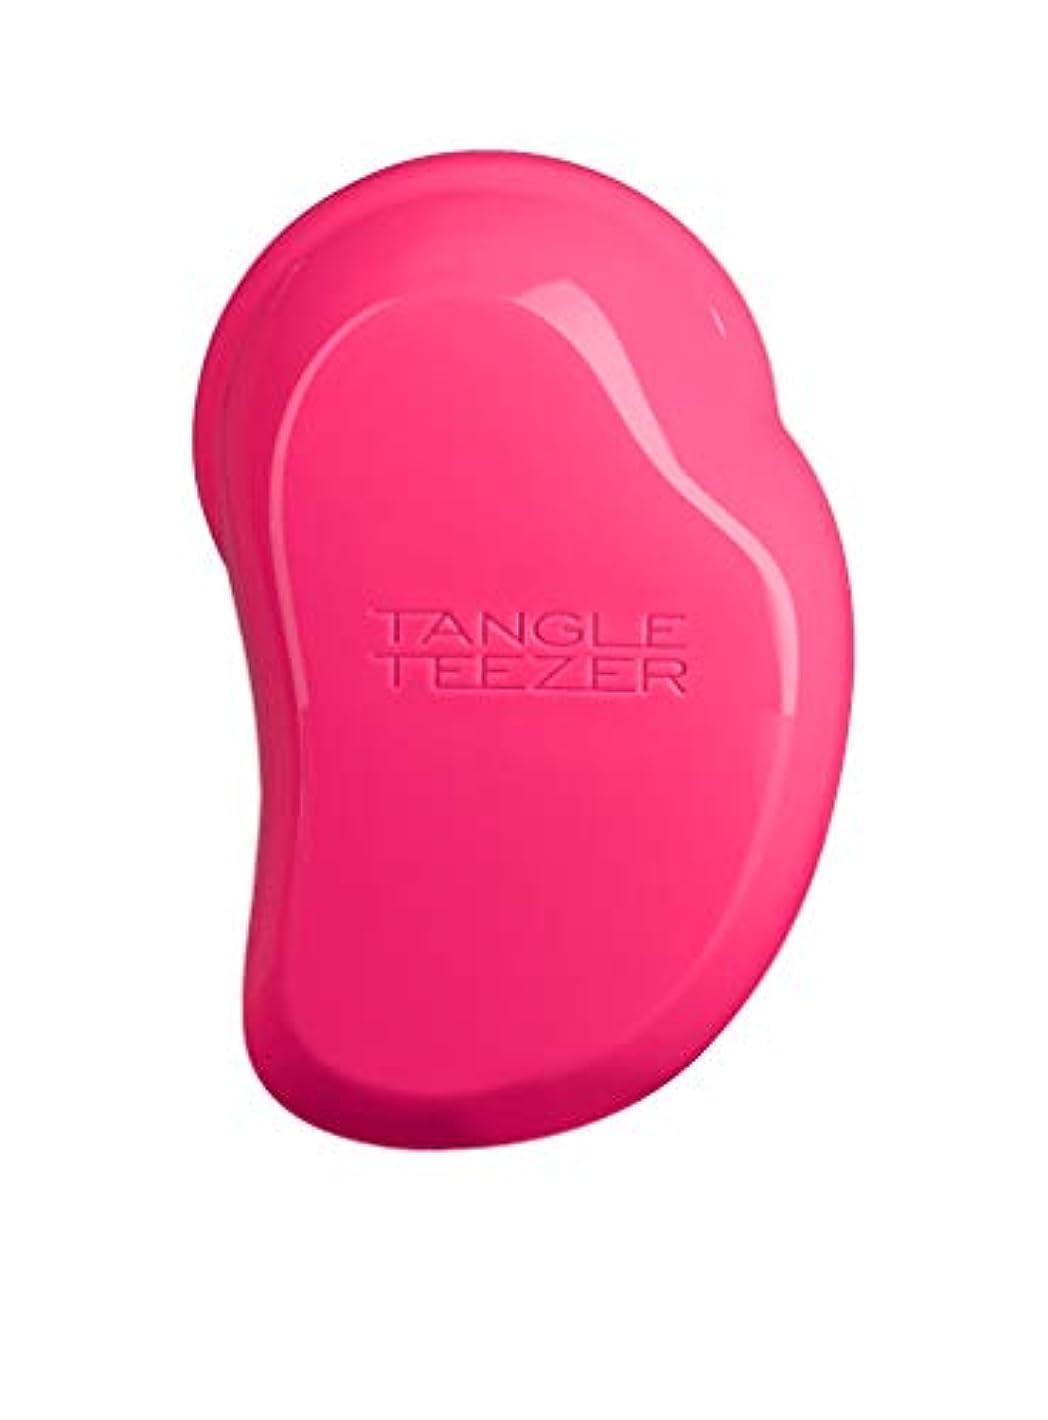 筋肉の散るファンシータングルティーザー オリジナル ピンクフィズ ヘアケアブラシ タングルティーザー TANGLE TEEZER